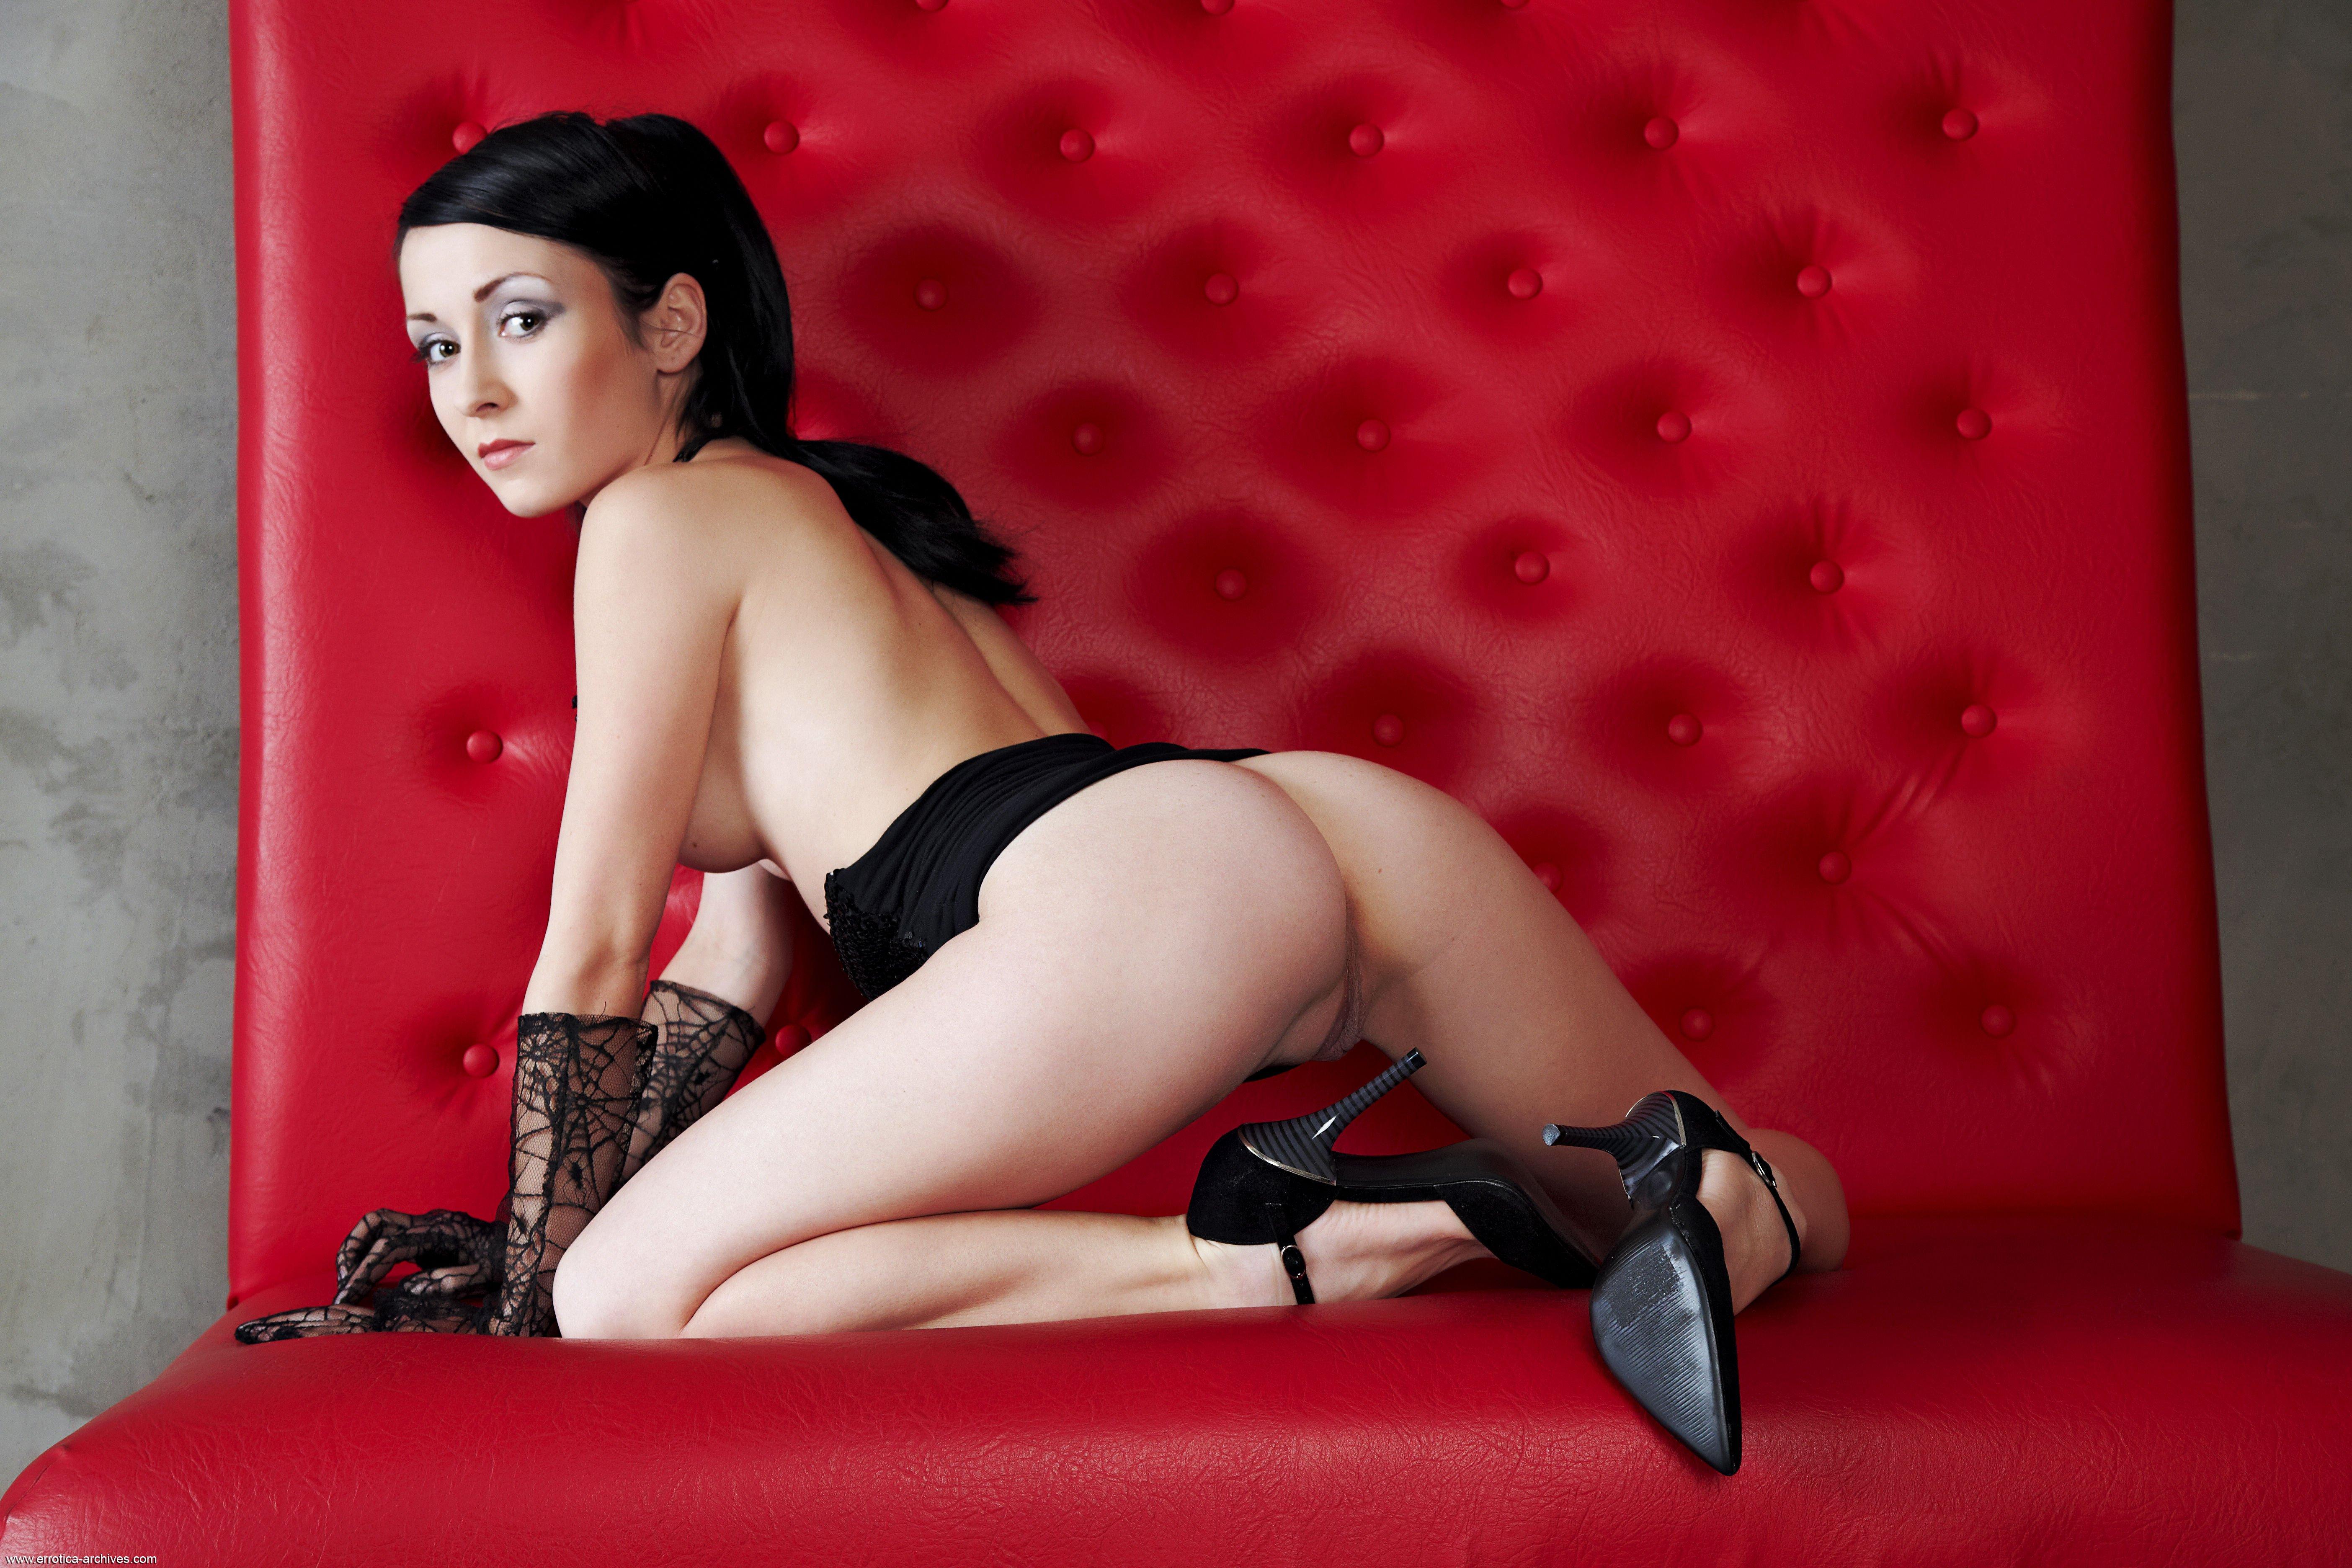 Секс фото индианок  361 галерей Смотреть порно фото